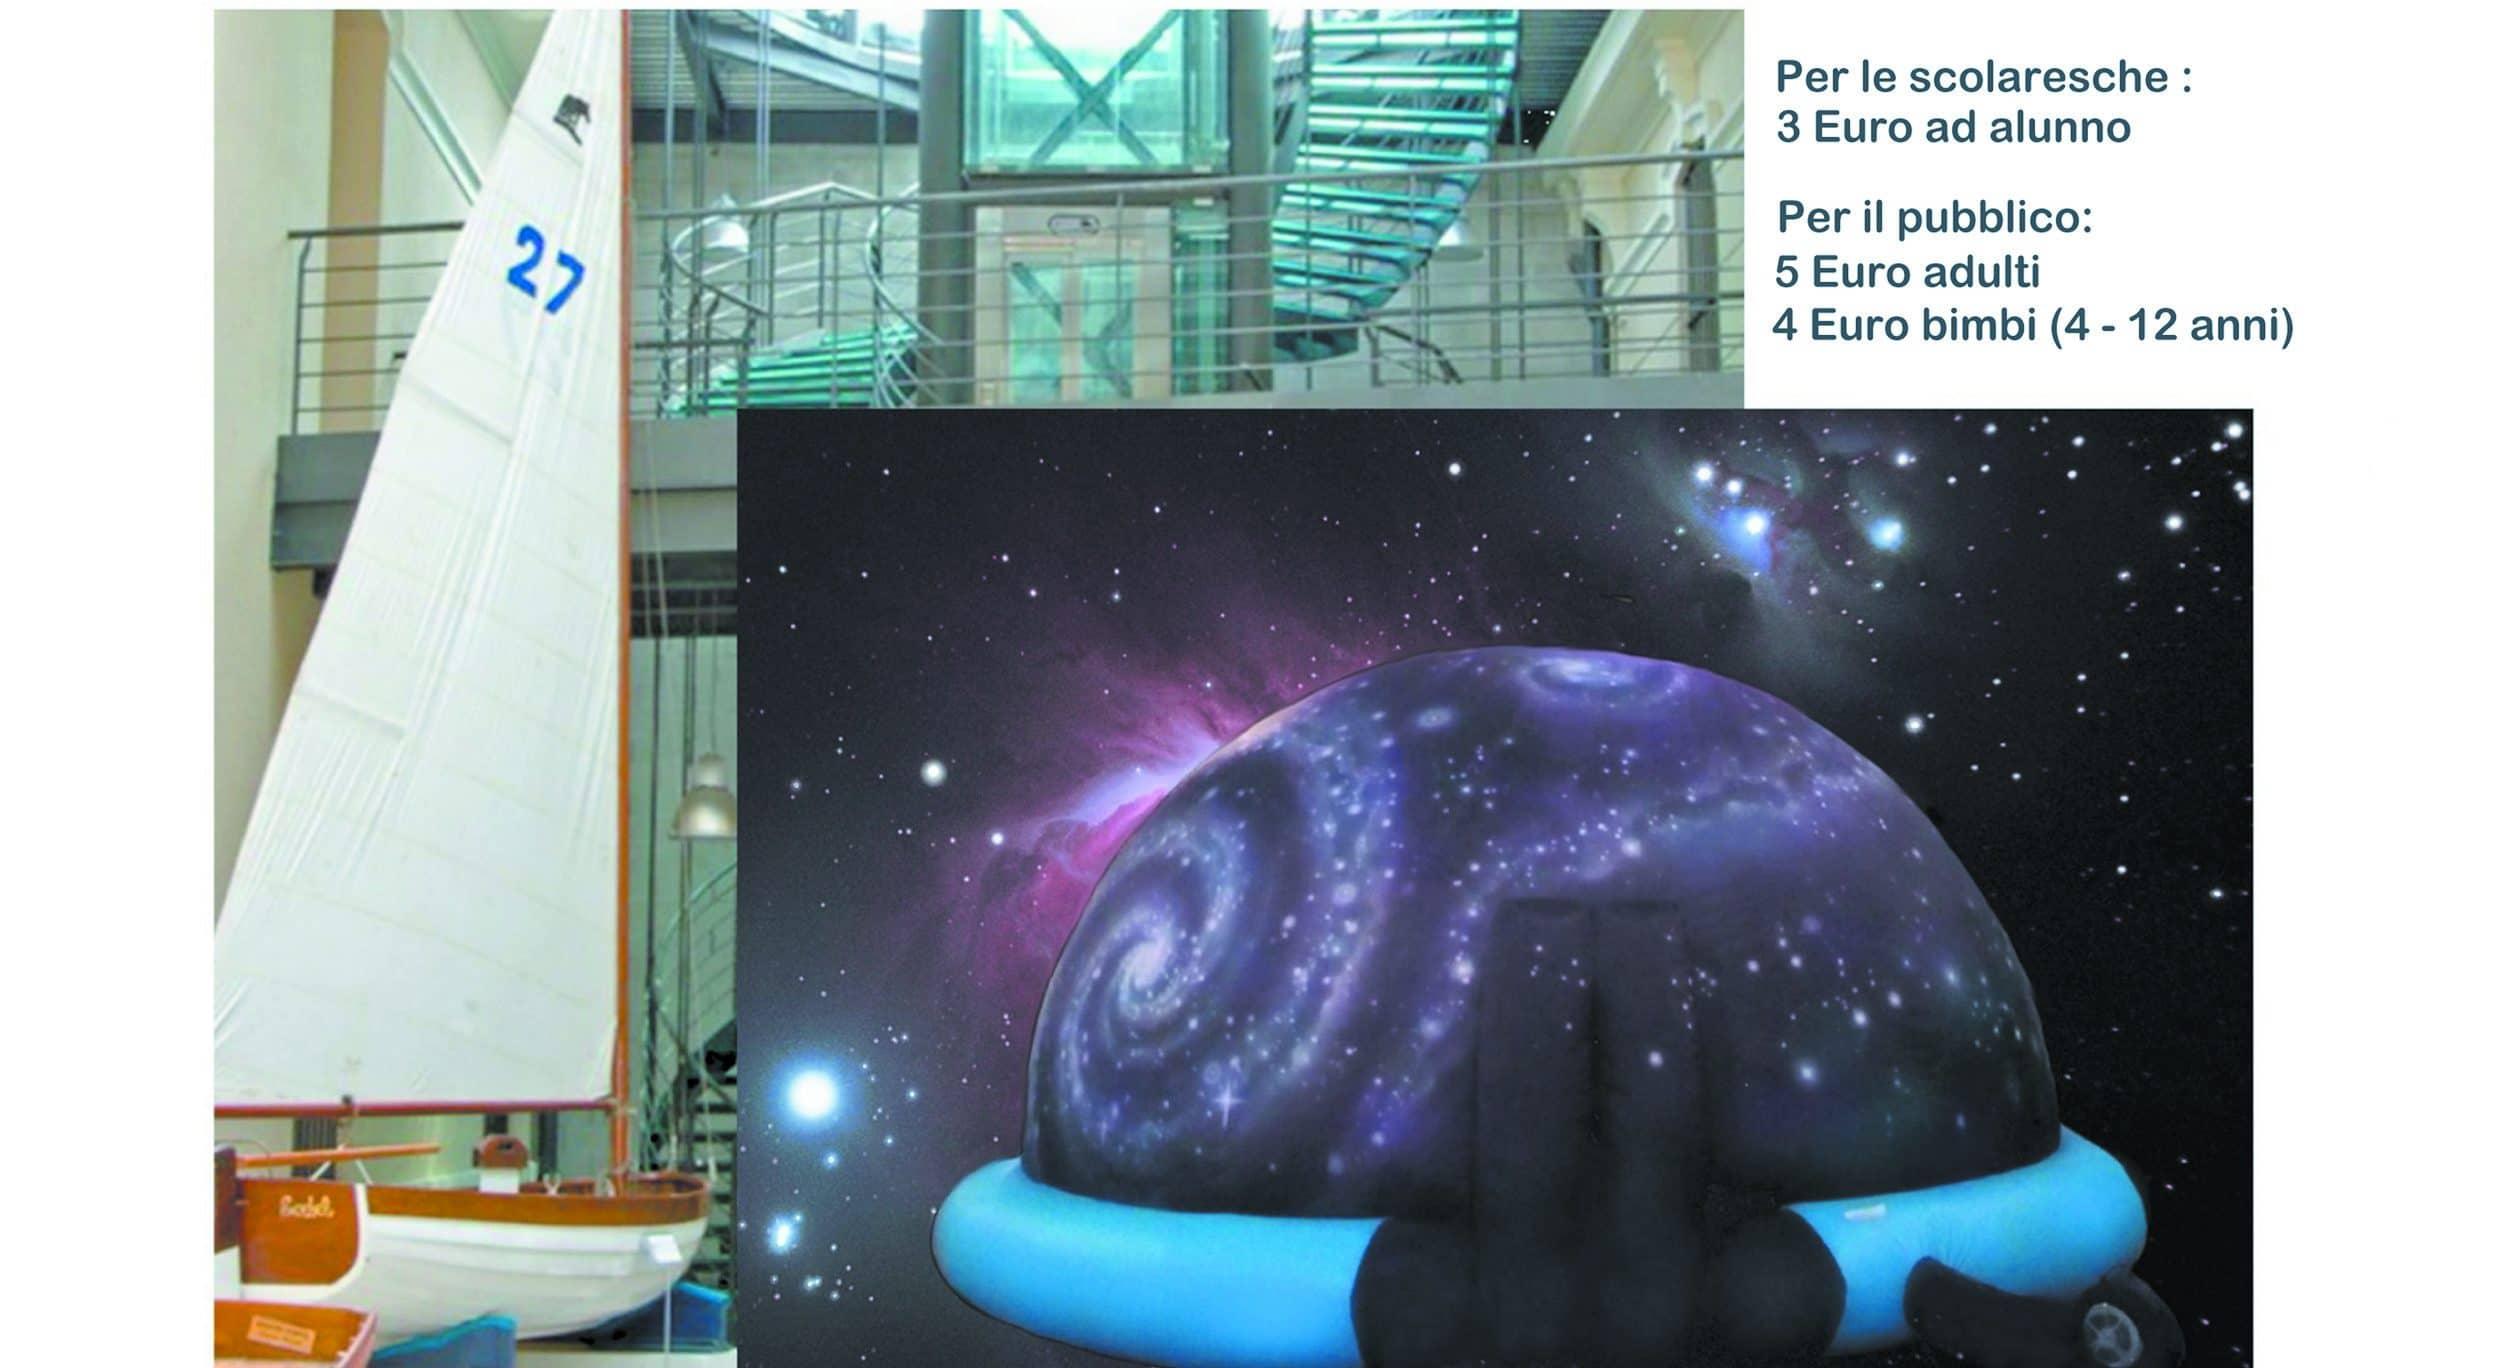 Da lunedì 12 a sabato 20 marzo alla scoperta del planetario itinerante al Museo Navale di Imperia